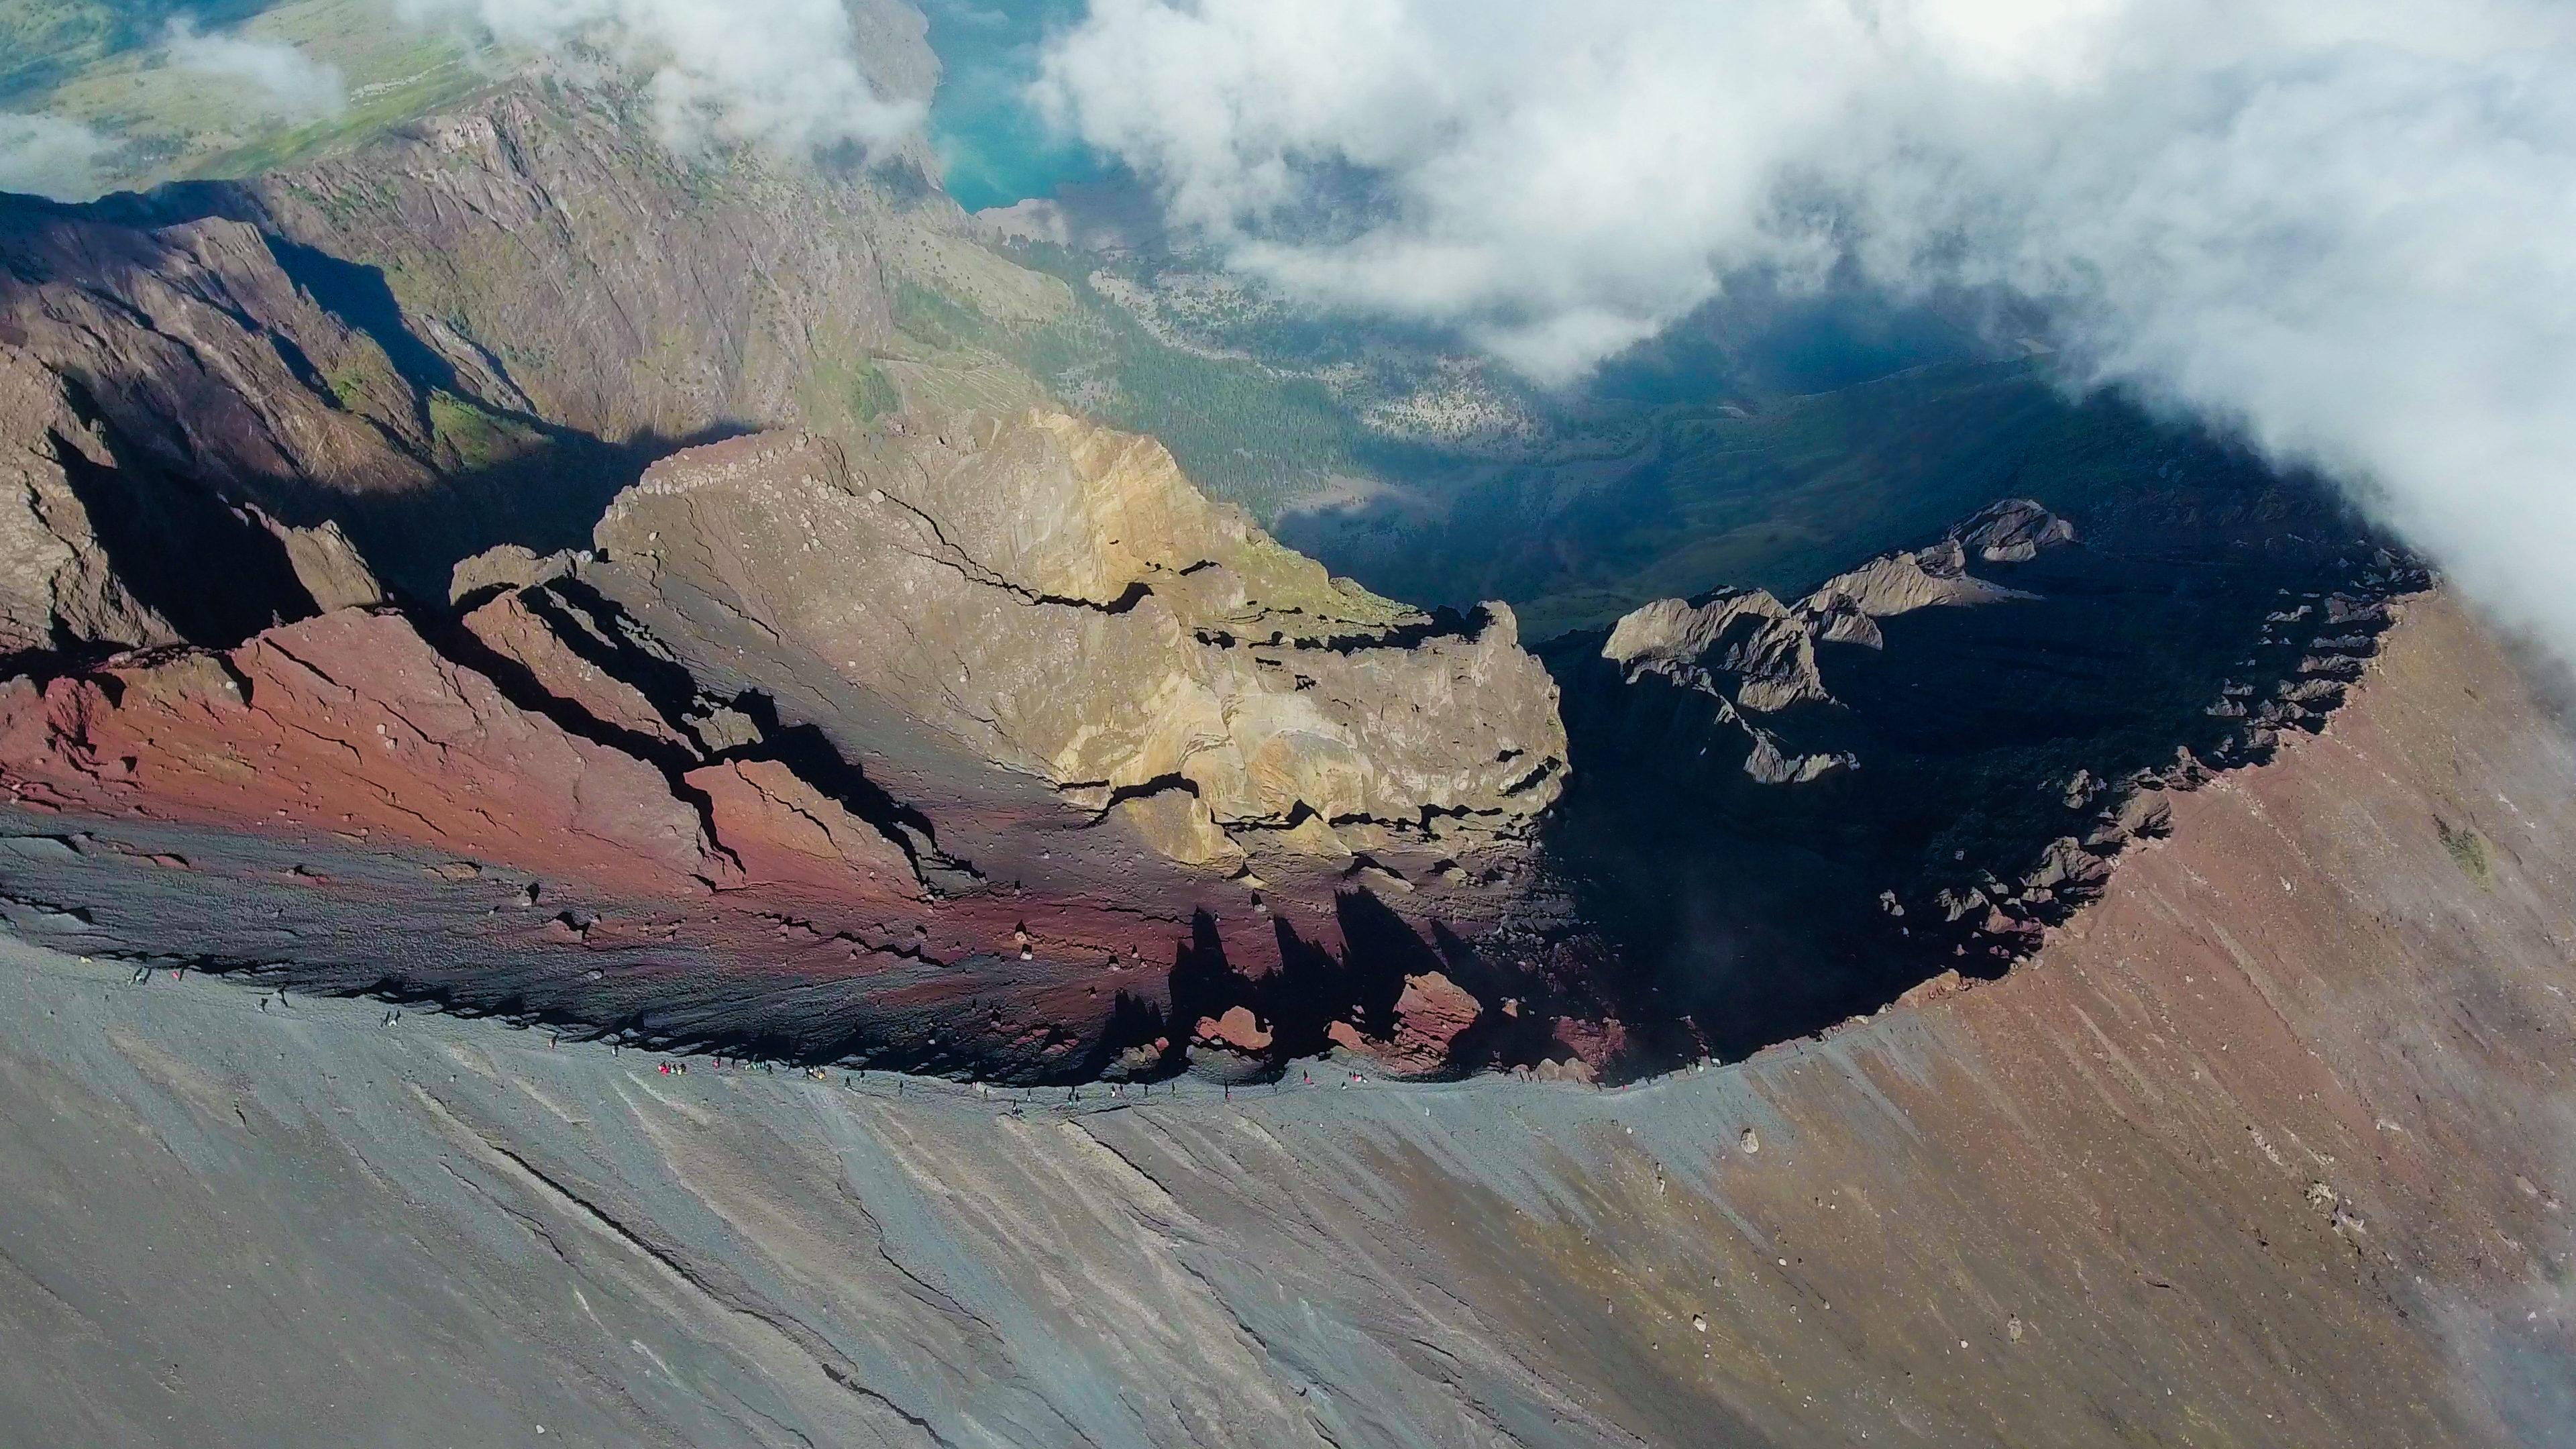 Lombok Island Mount Rinjani